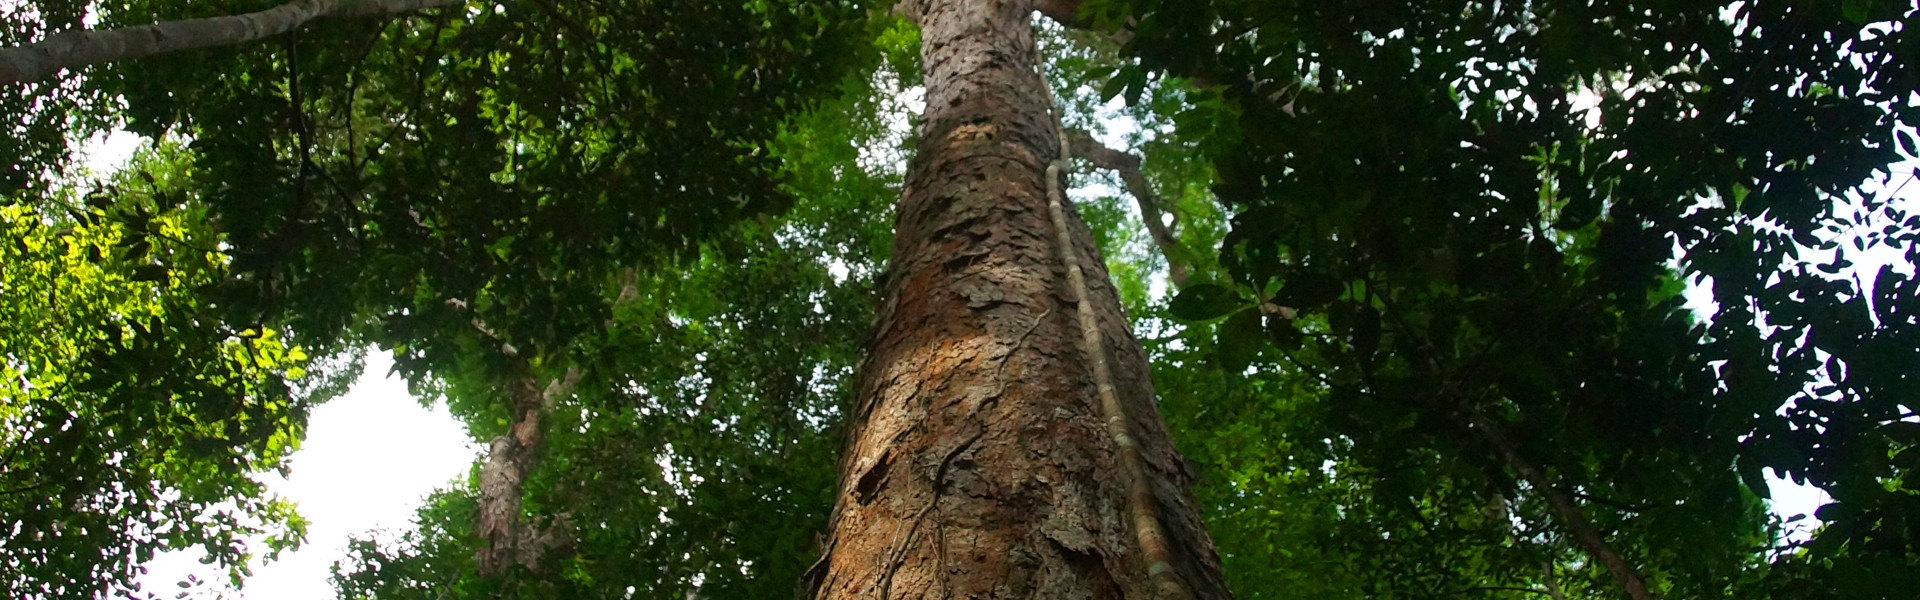 Documentário Pescando e Cantando - Cantos Amazônicos irá ao ar hoje na Fish TV